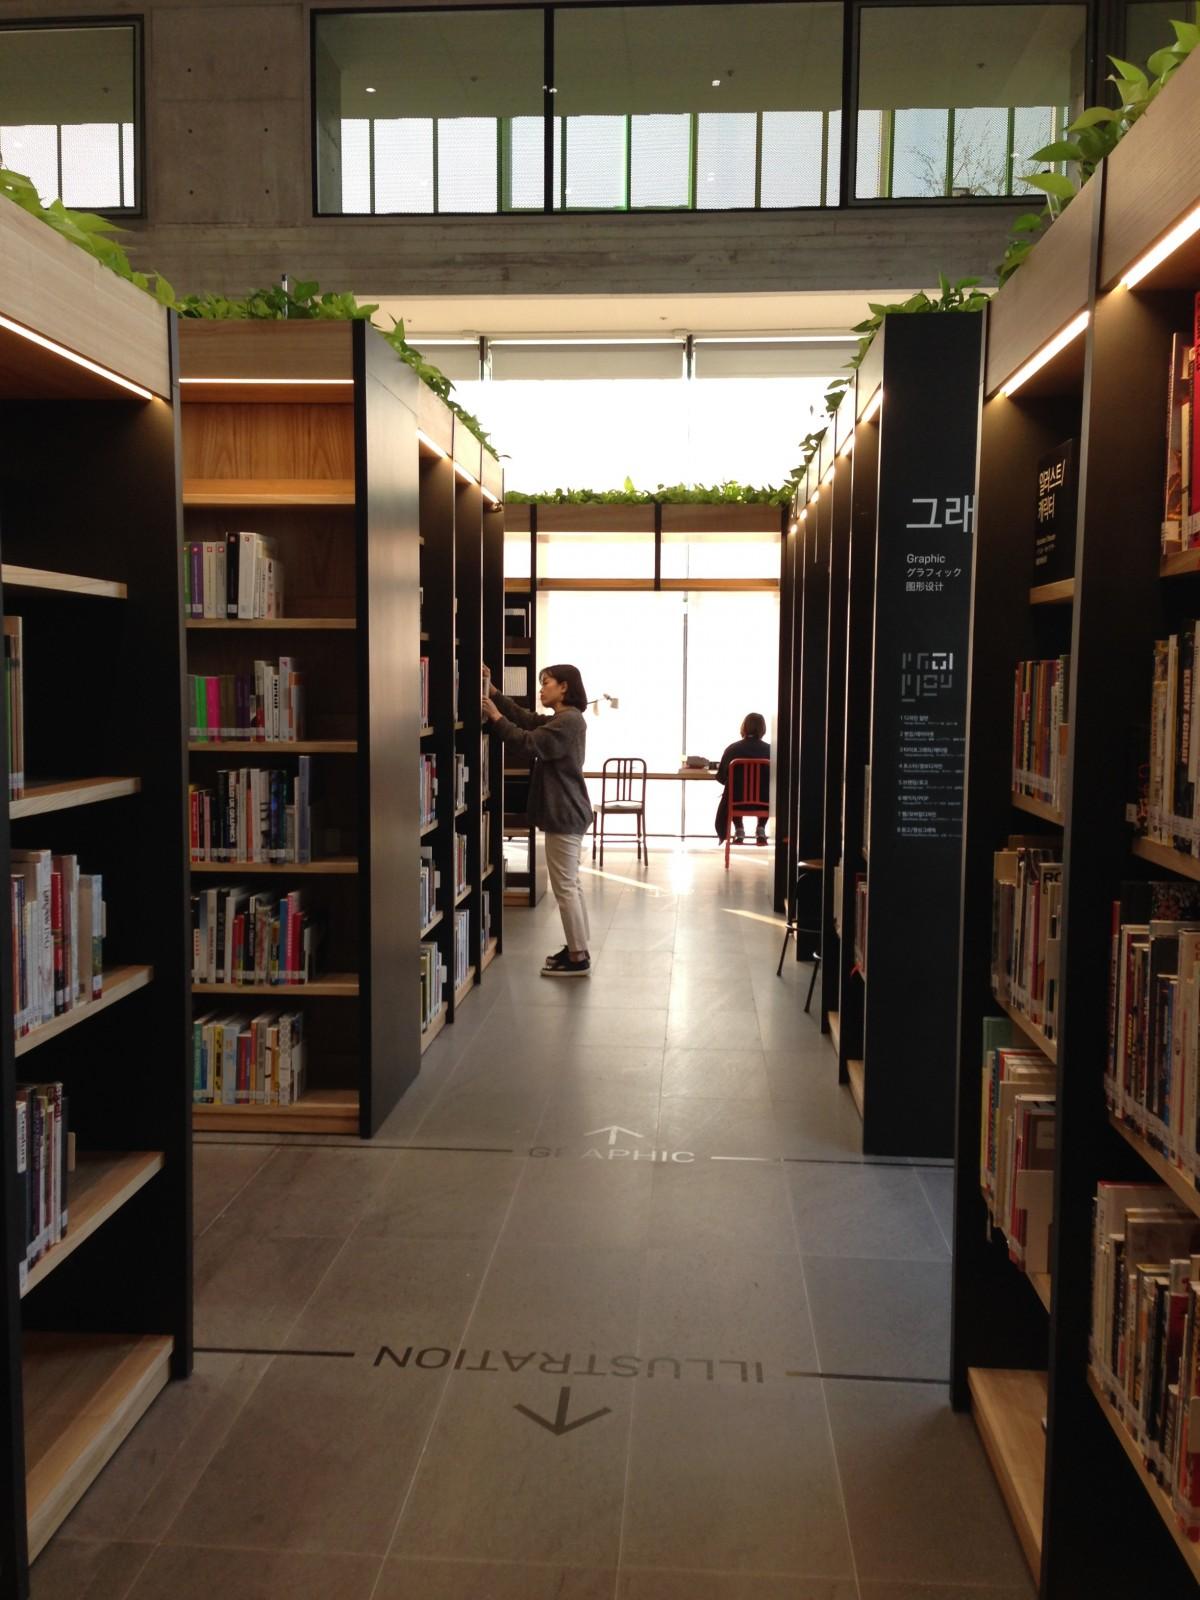 Fotos gratis libro edificio biblioteca al por menor for Estudiar diseno de interiores online gratis